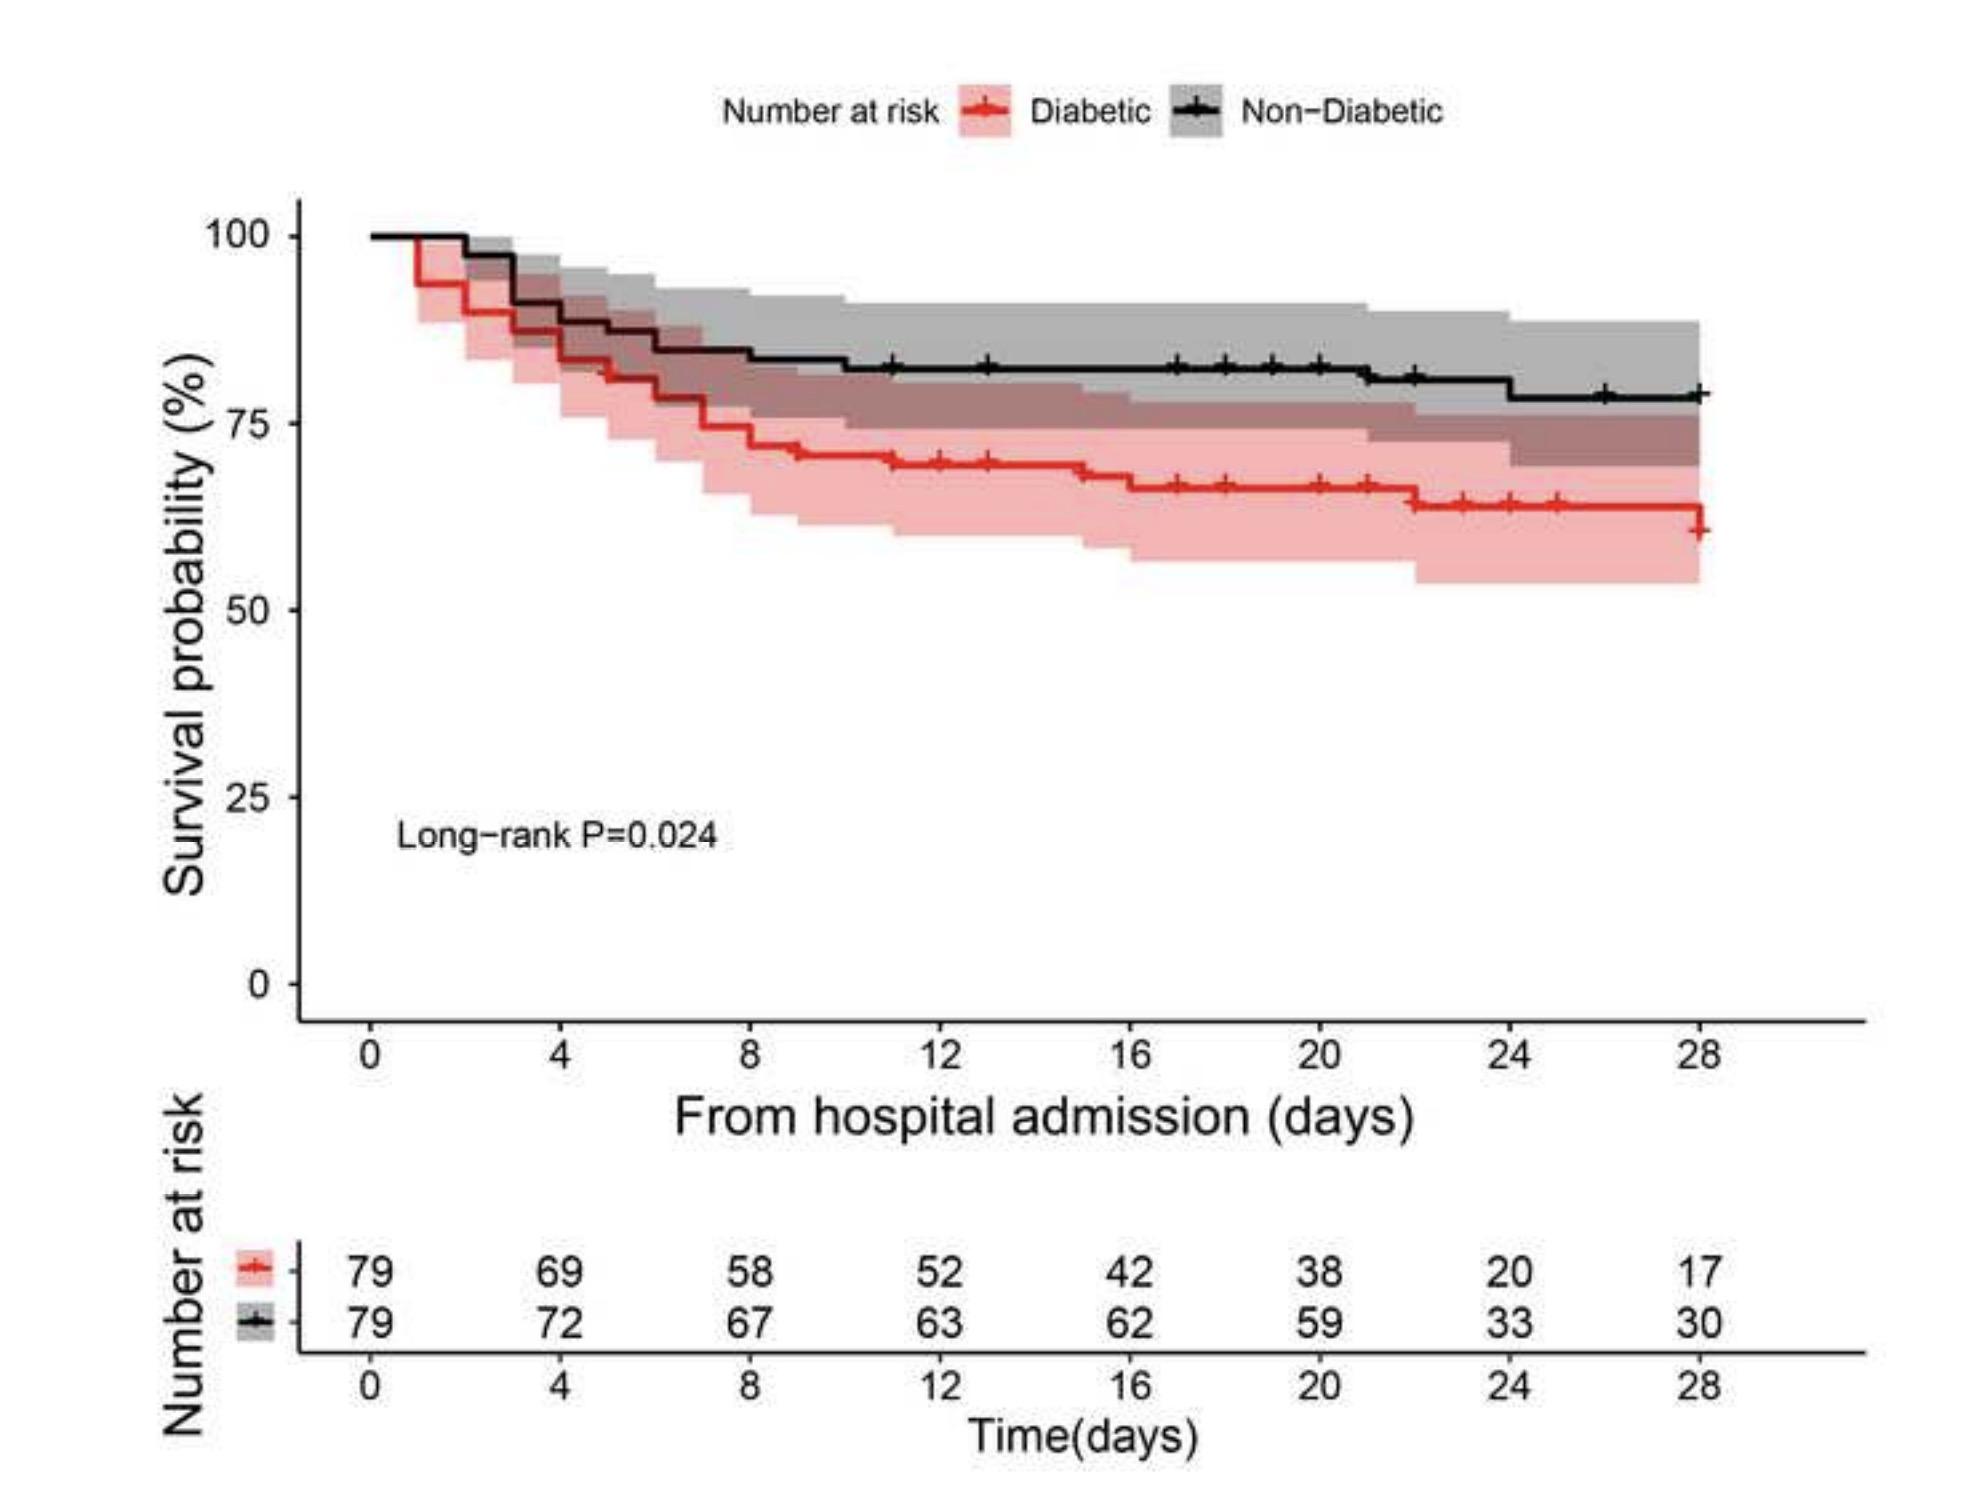 武大研究:糖尿病患者感染新冠更容易出现并发症,死亡率更高图片